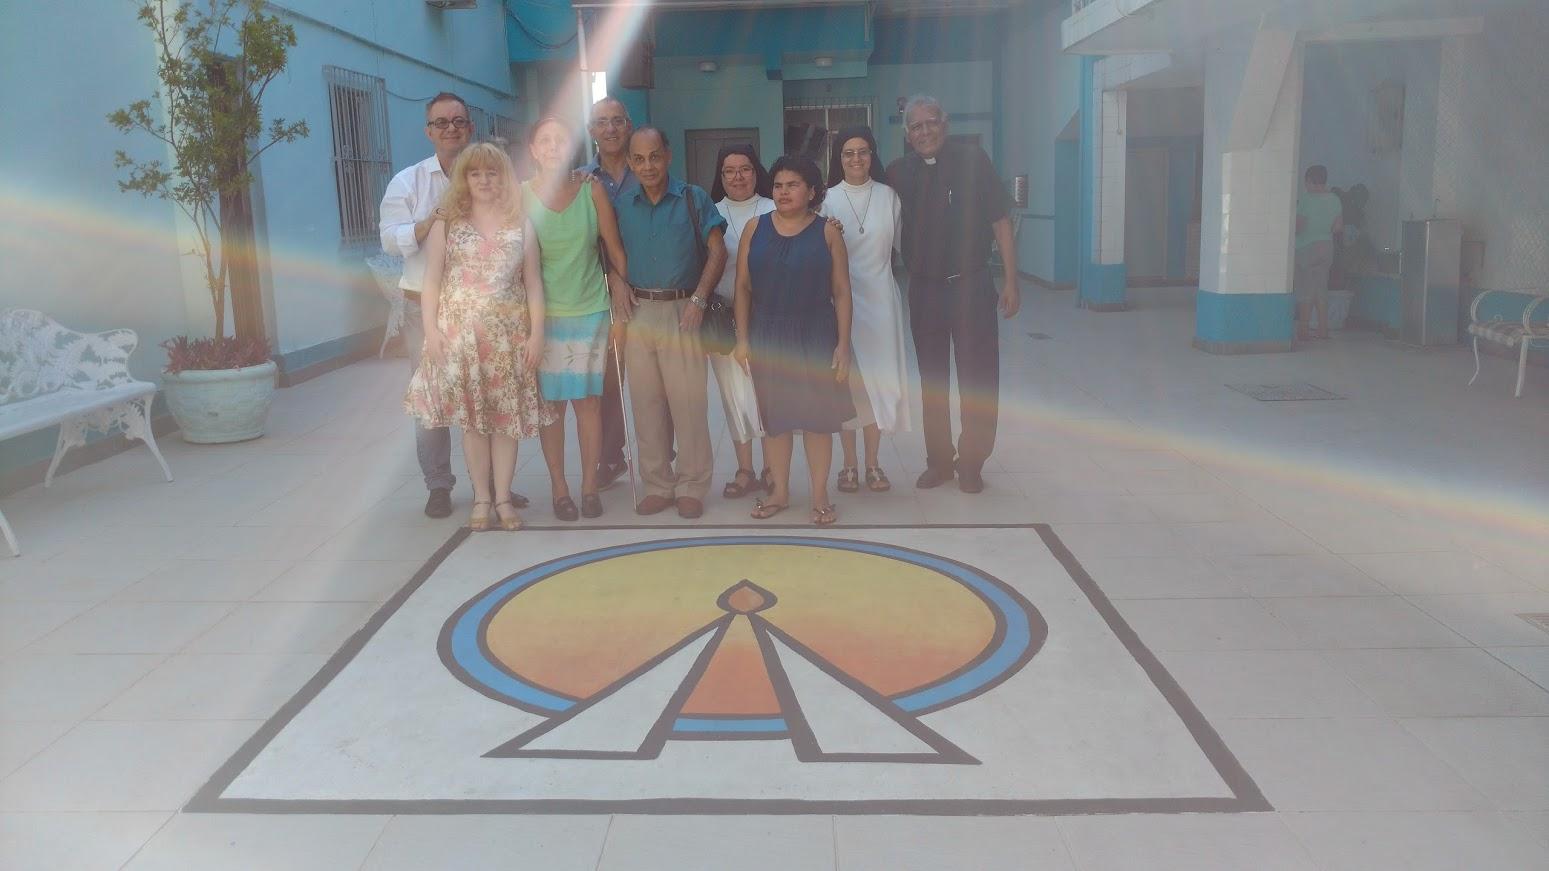 Fotos: Professor Cesar, Débora, Antonia, Jorge, Irmã Alberice, Irmã Luciana, Luís, Elaine e Diácono BA